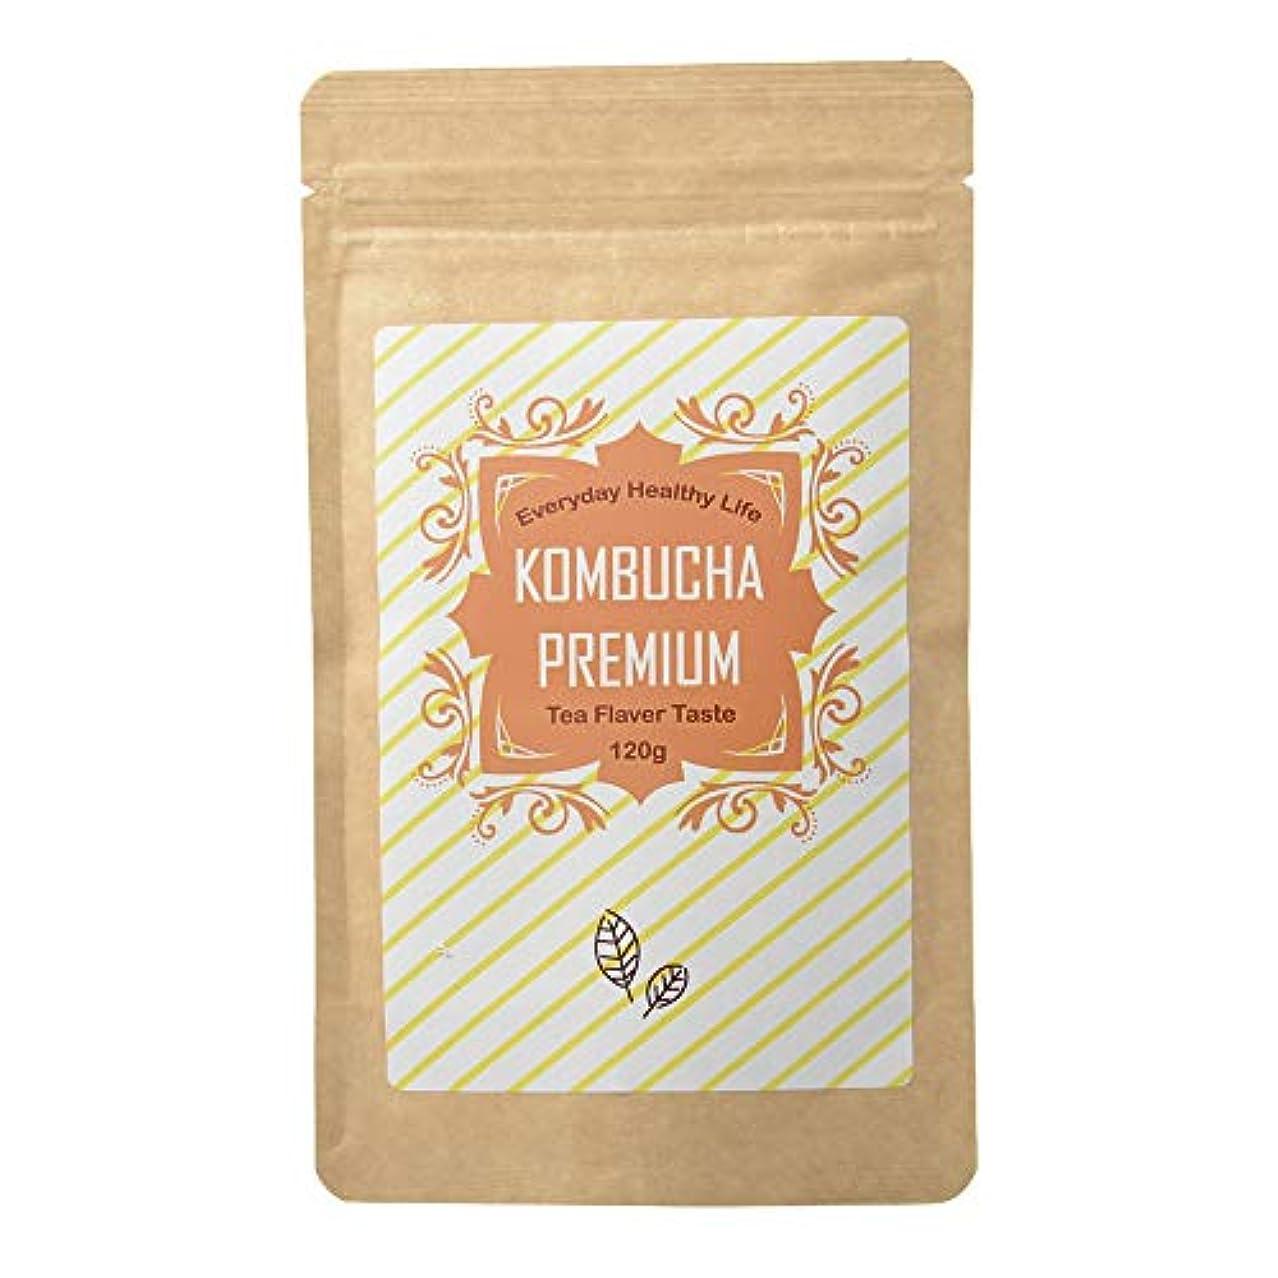 口頭乱用うがいコンブチャプレミアム (KOMBUCHA PREMIUM) ストレートティー味 日本製 粉末 飲料 [内容量120g /説明書付き]